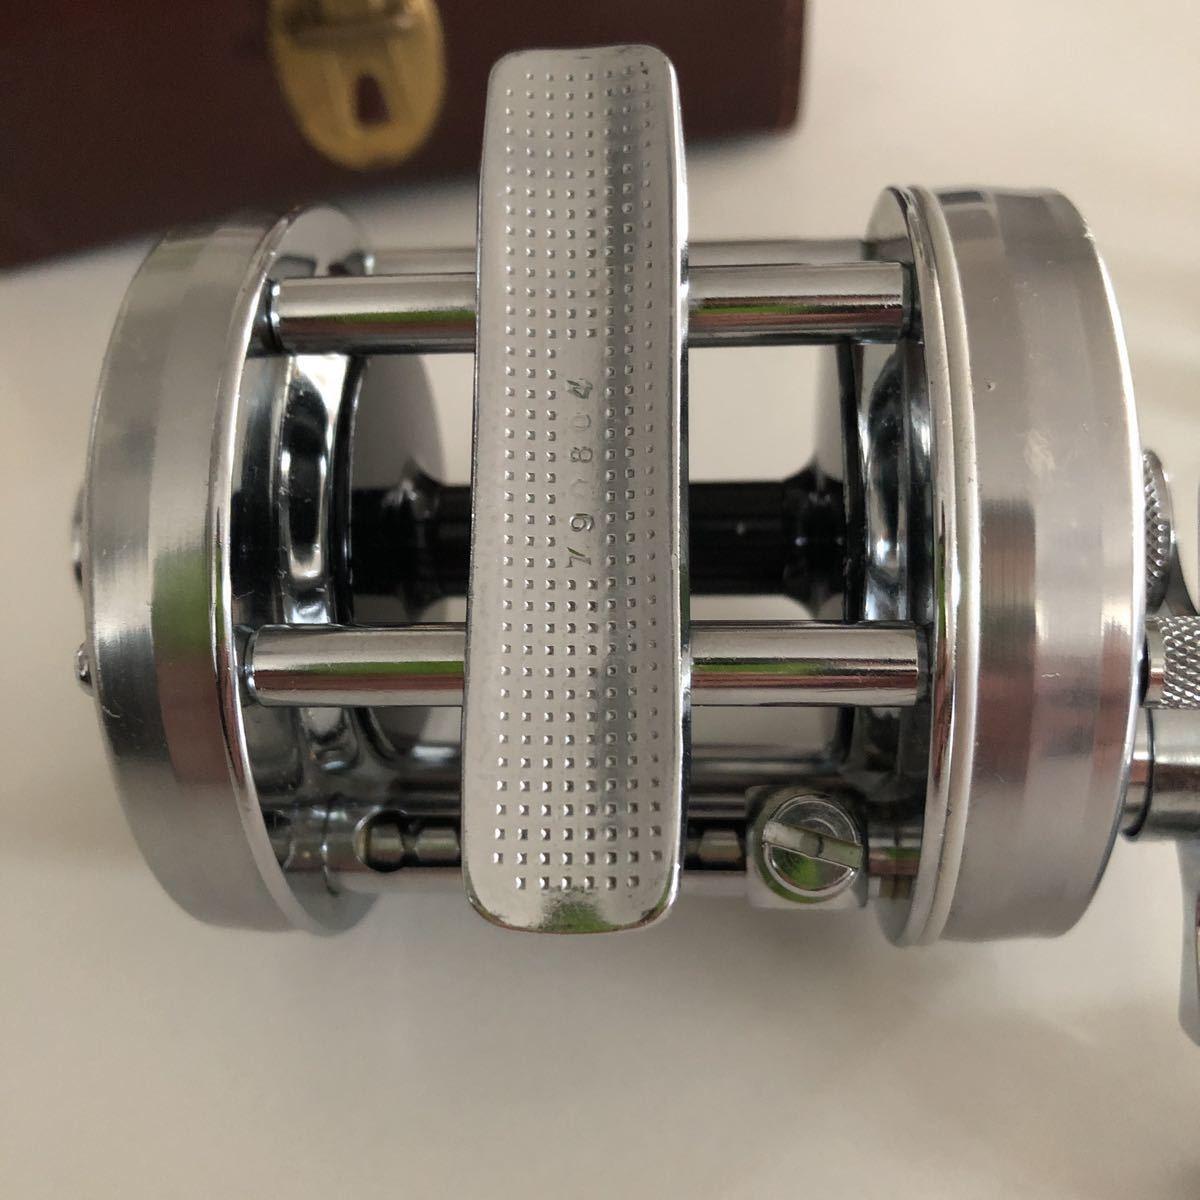 美品 ABU 6500C 79年 ブラックステッカーモデル シルバー 革ケース付属付き/アブ ambassadeur 雷魚_画像9